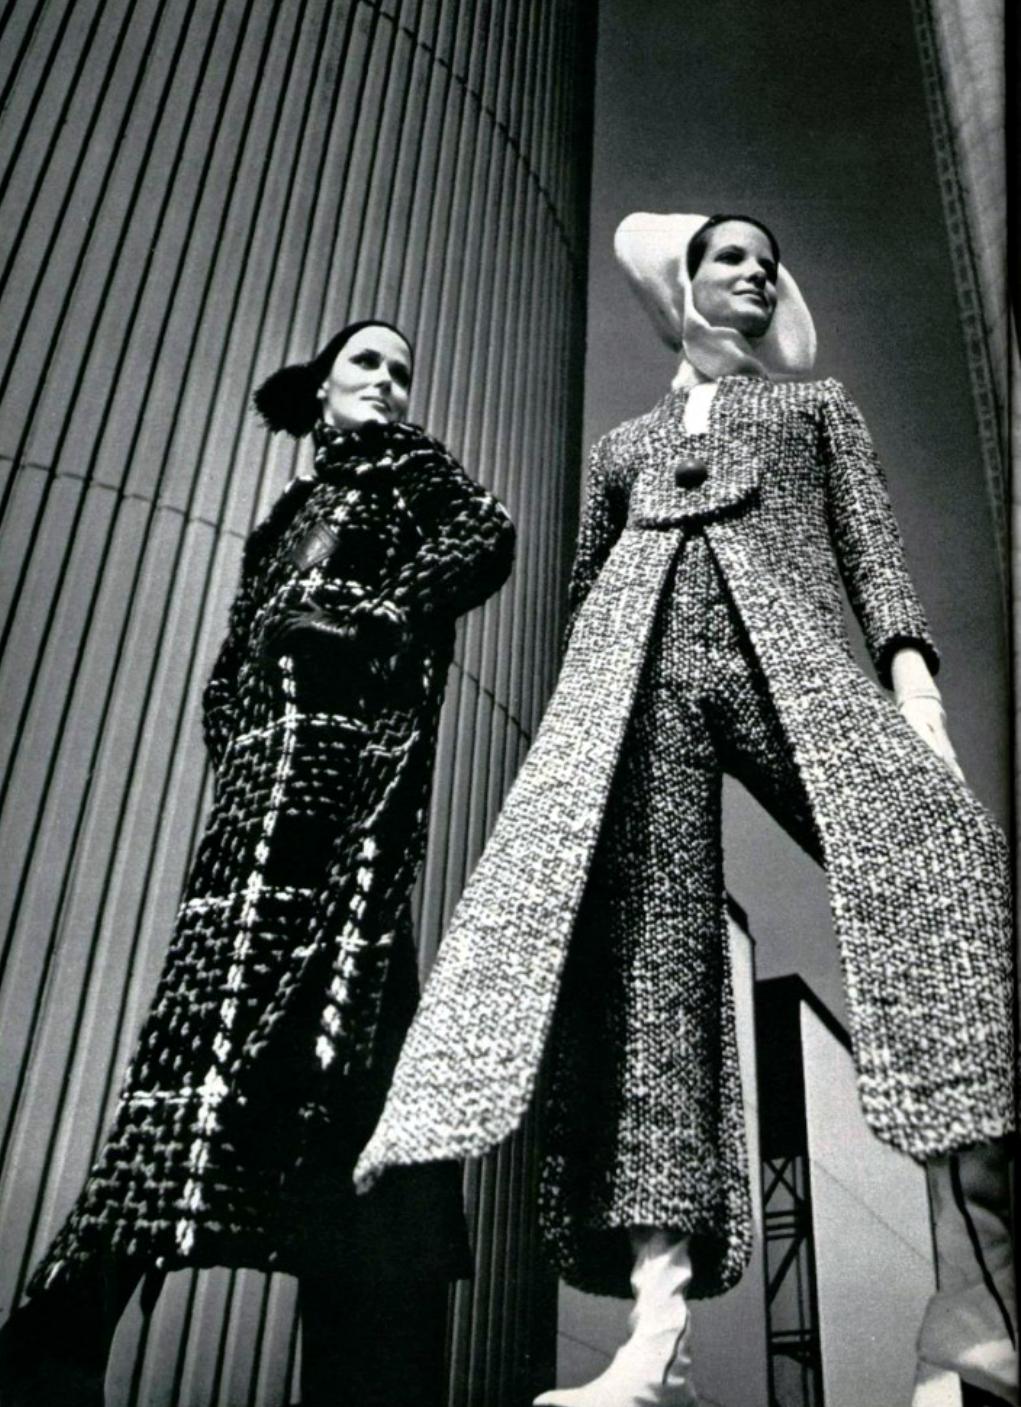 L'Officiel magazine 1970 Pierre Cardin